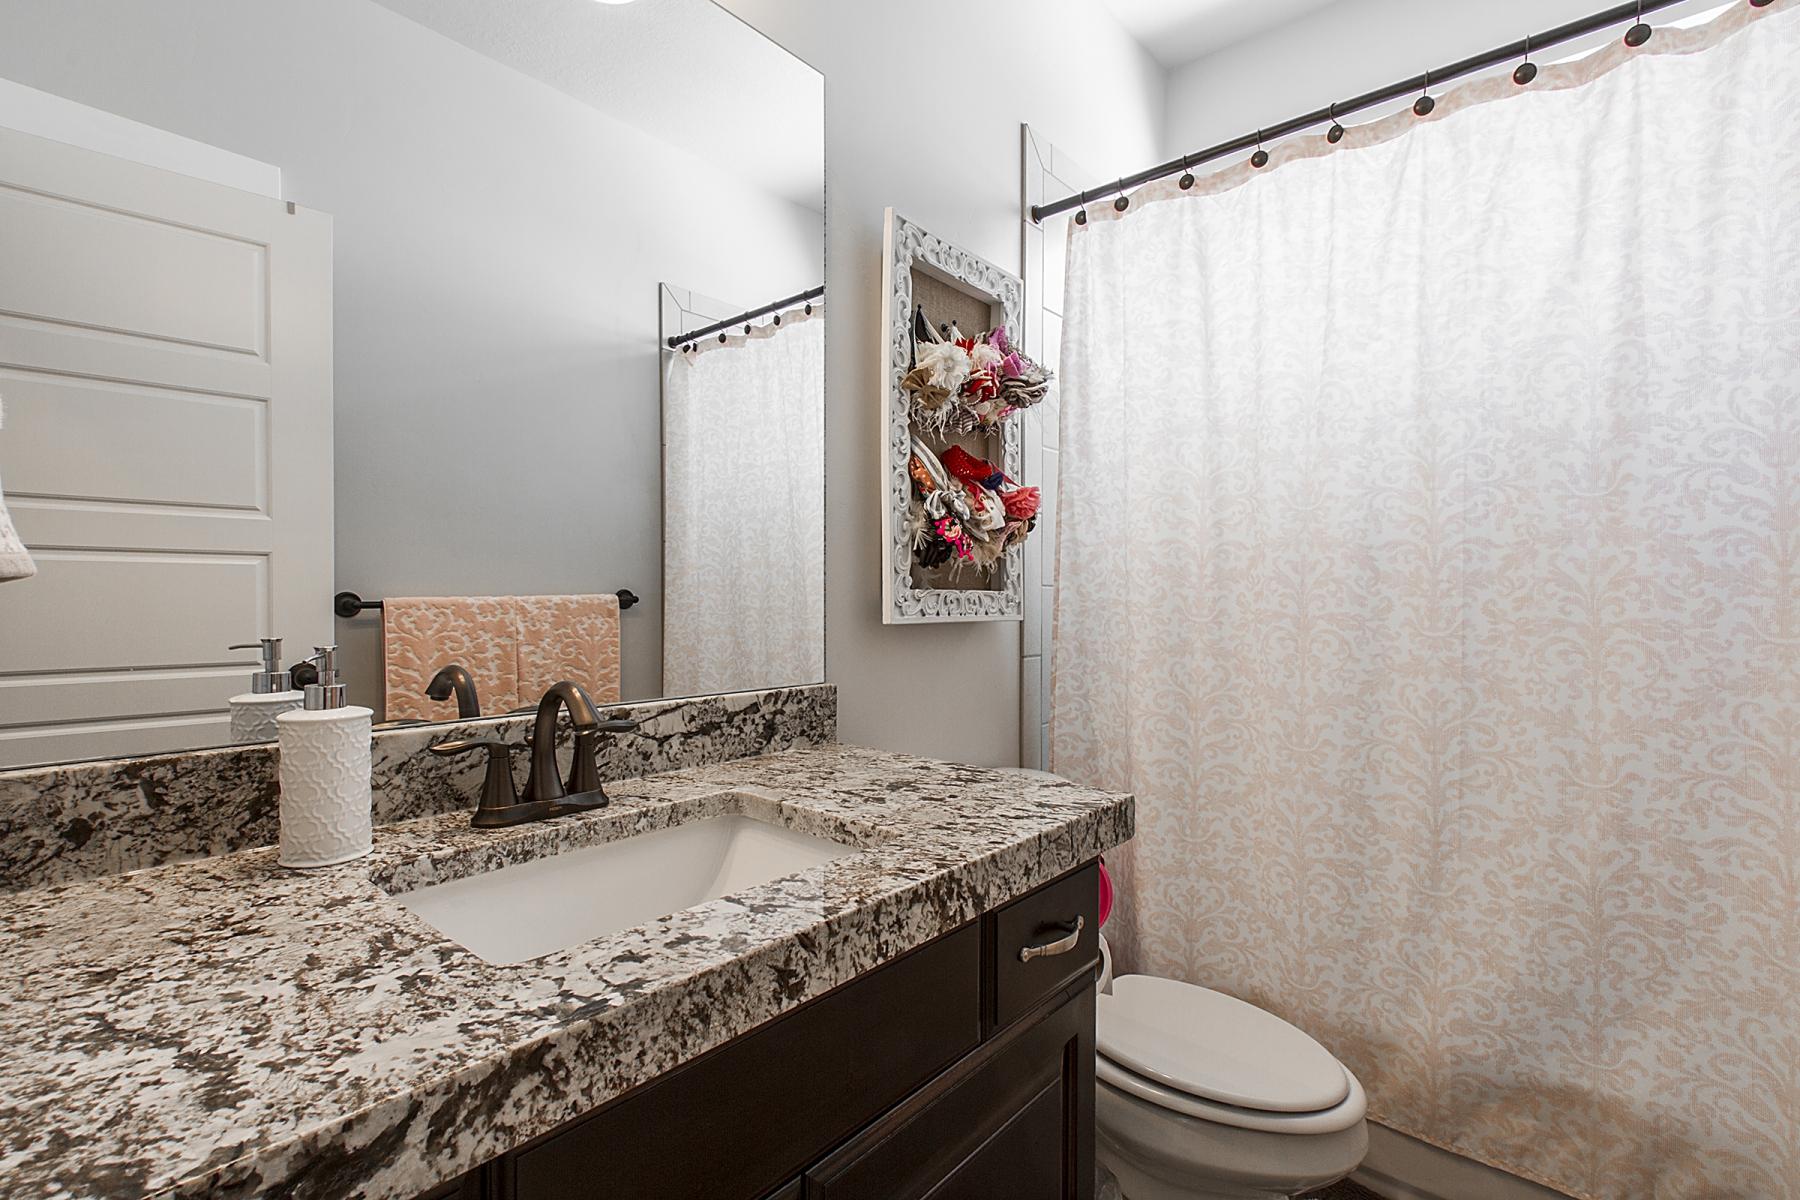 Bathroom-2_1800x1200_2388098